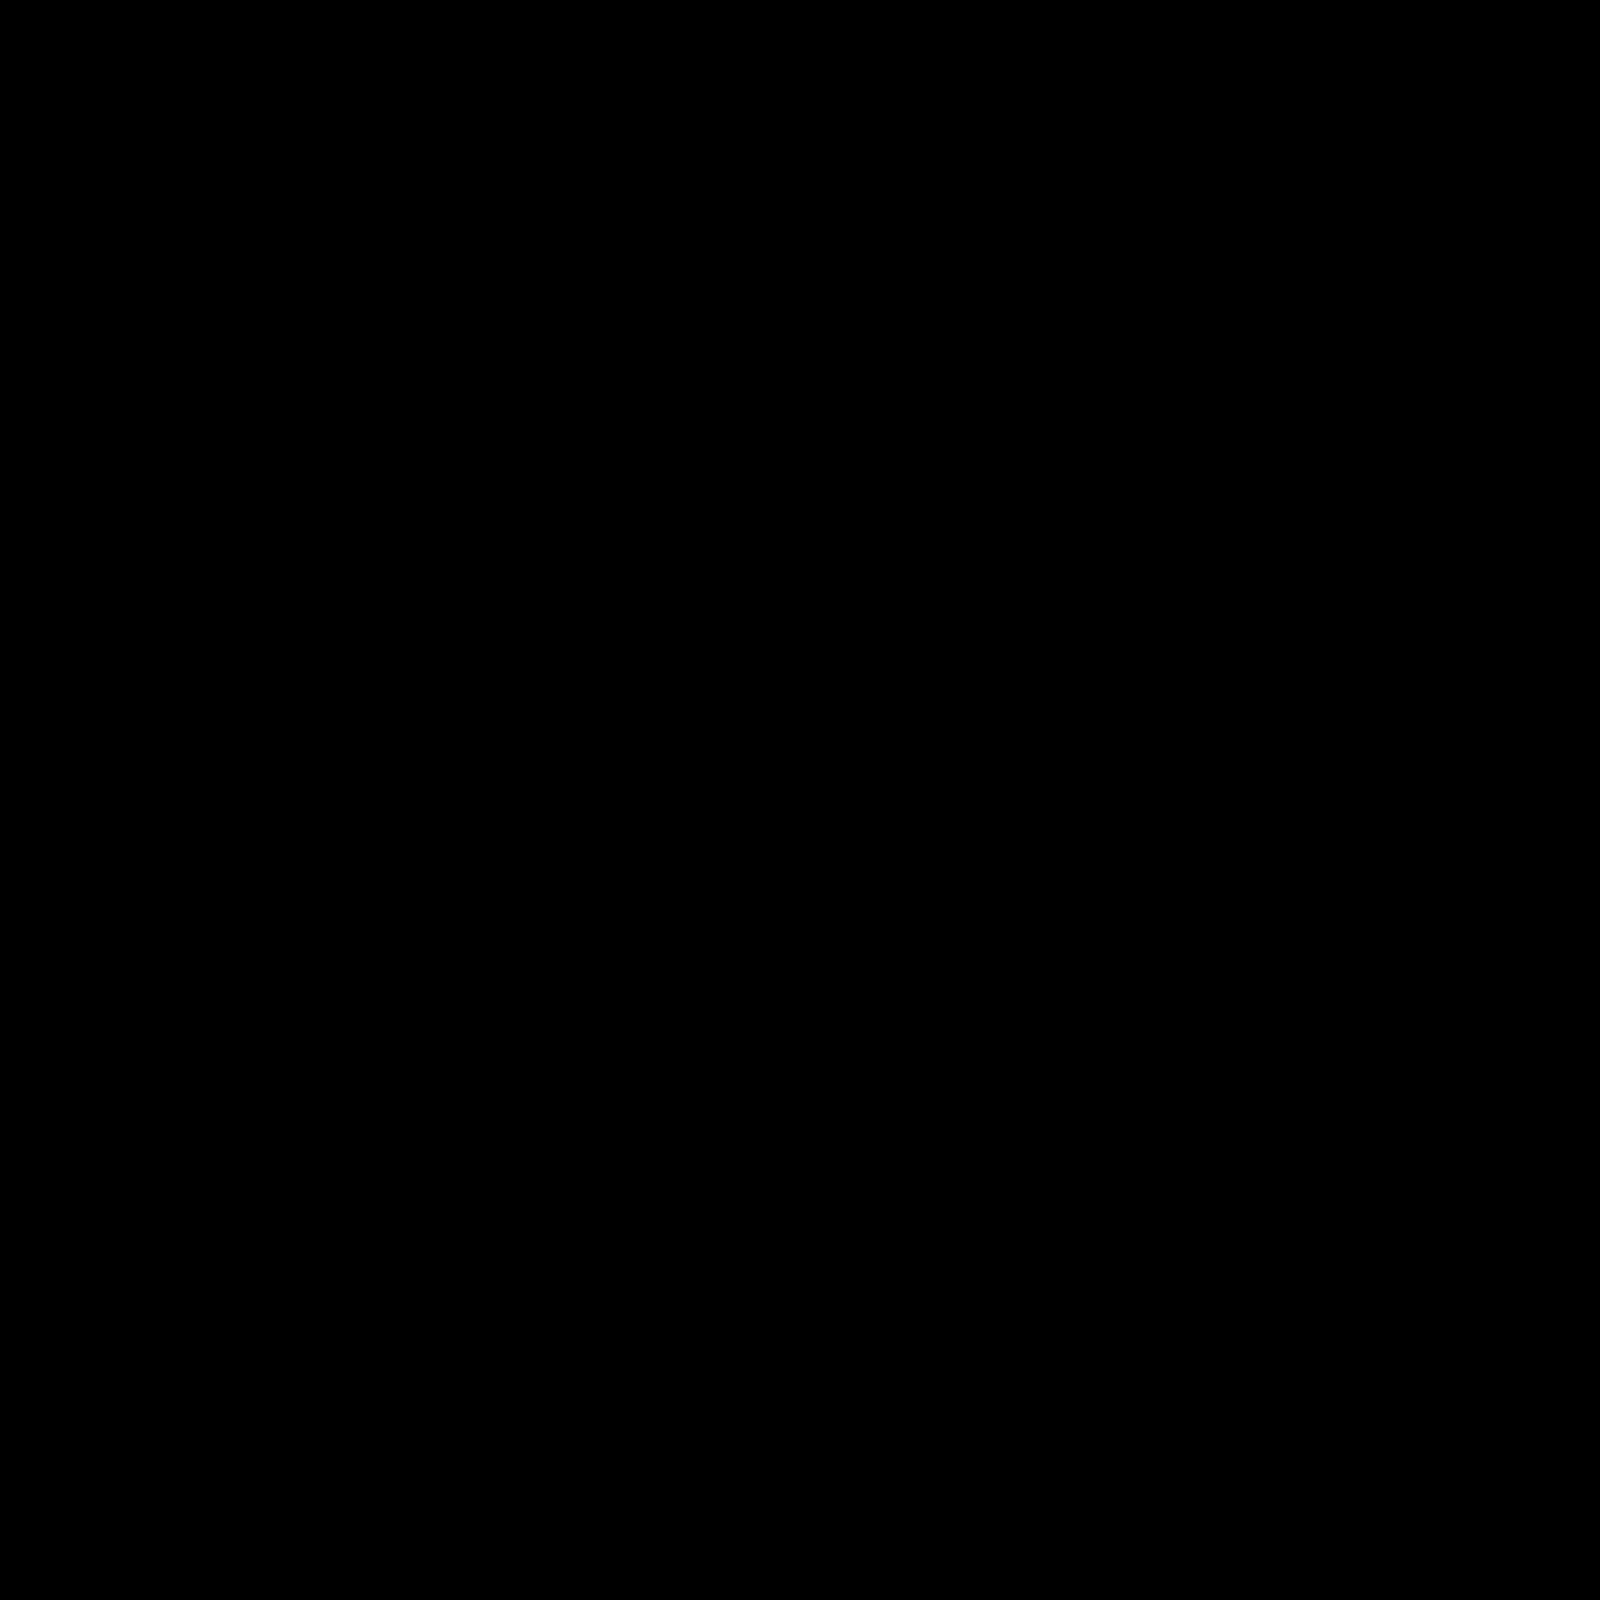 uber logo vector png transparent uber logo vectorpng